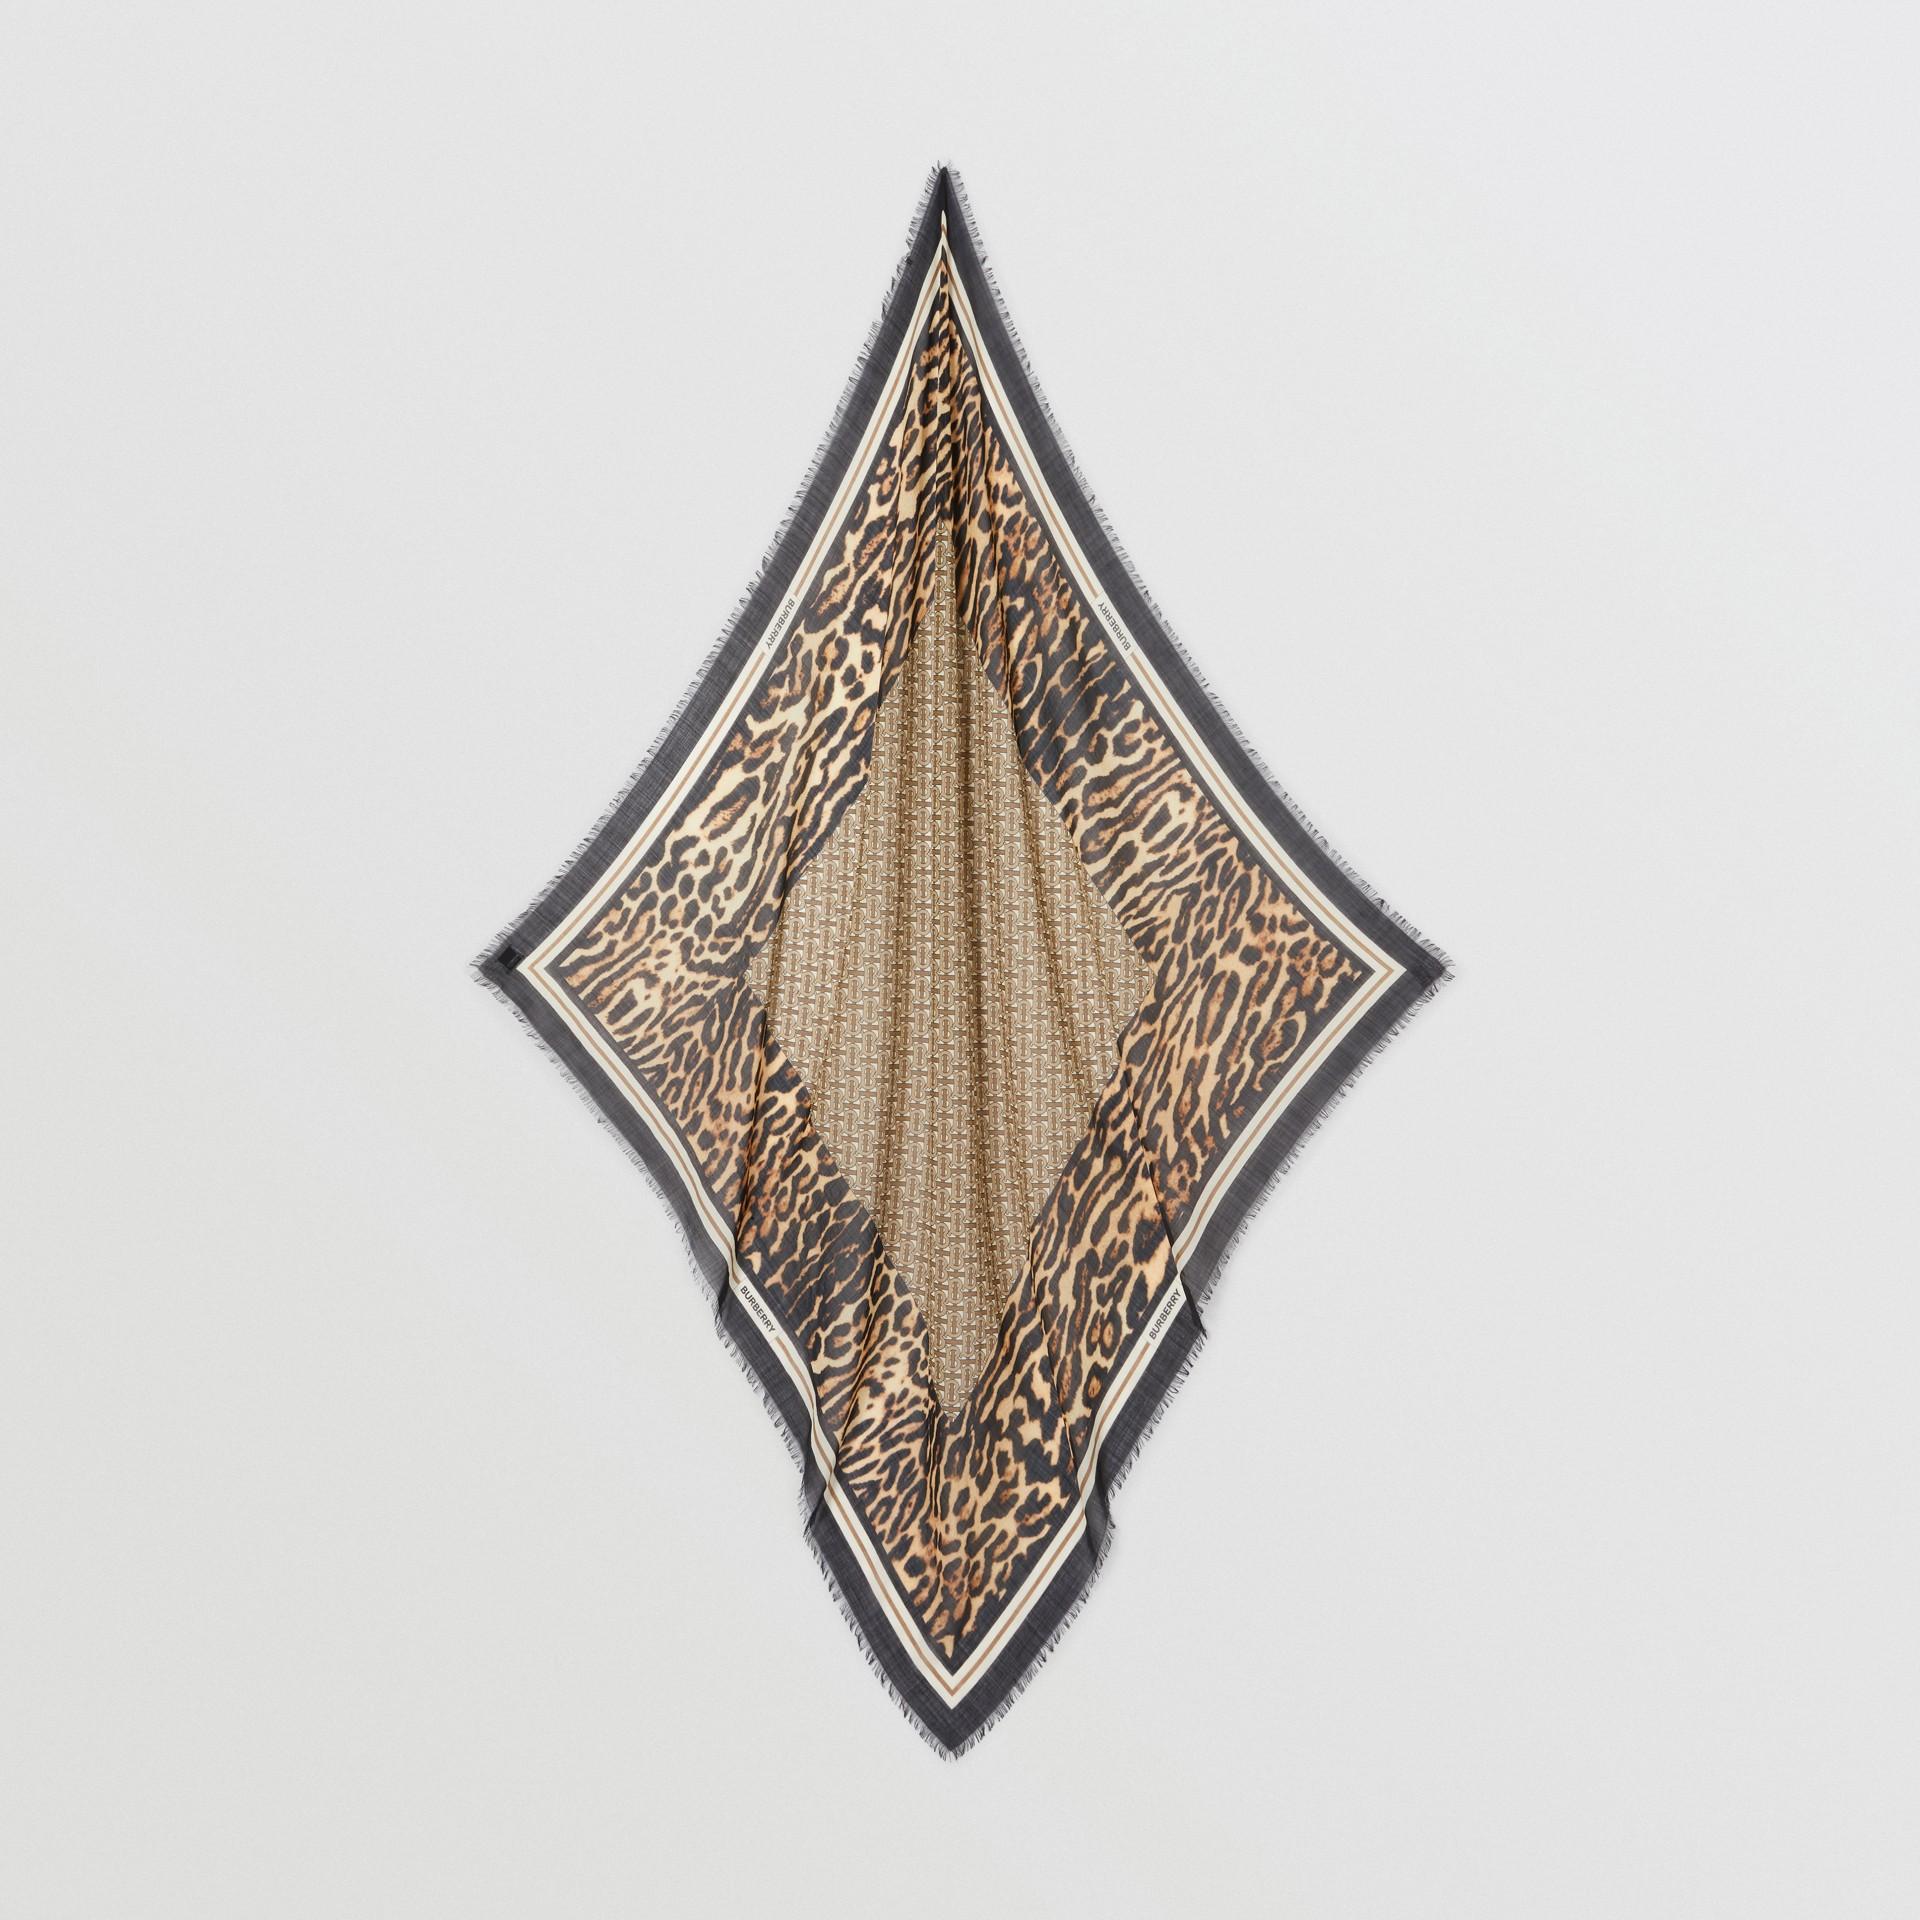 モノグラムプリント ウールシルク ラージ スクエアスカーフ (アーカイブベージュ) | バーバリー - ギャラリーイメージ 3